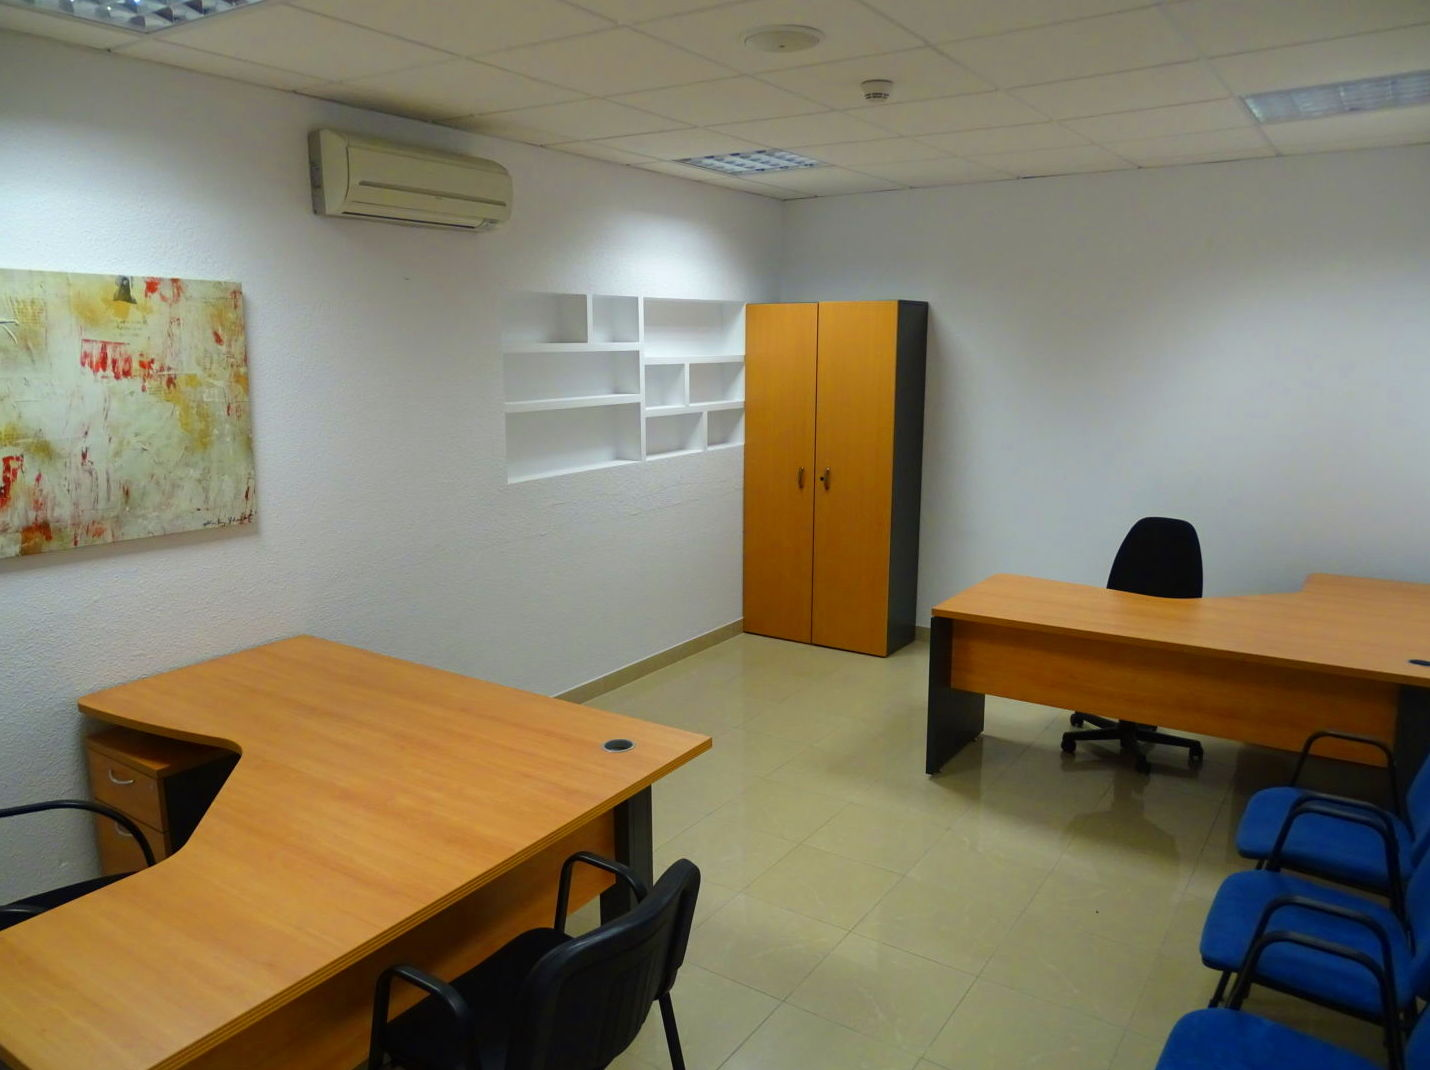 Foto 18 de Alquiler salas totalmente equipadas en Palma de Mallorca | Centro de negocios Son Castelló